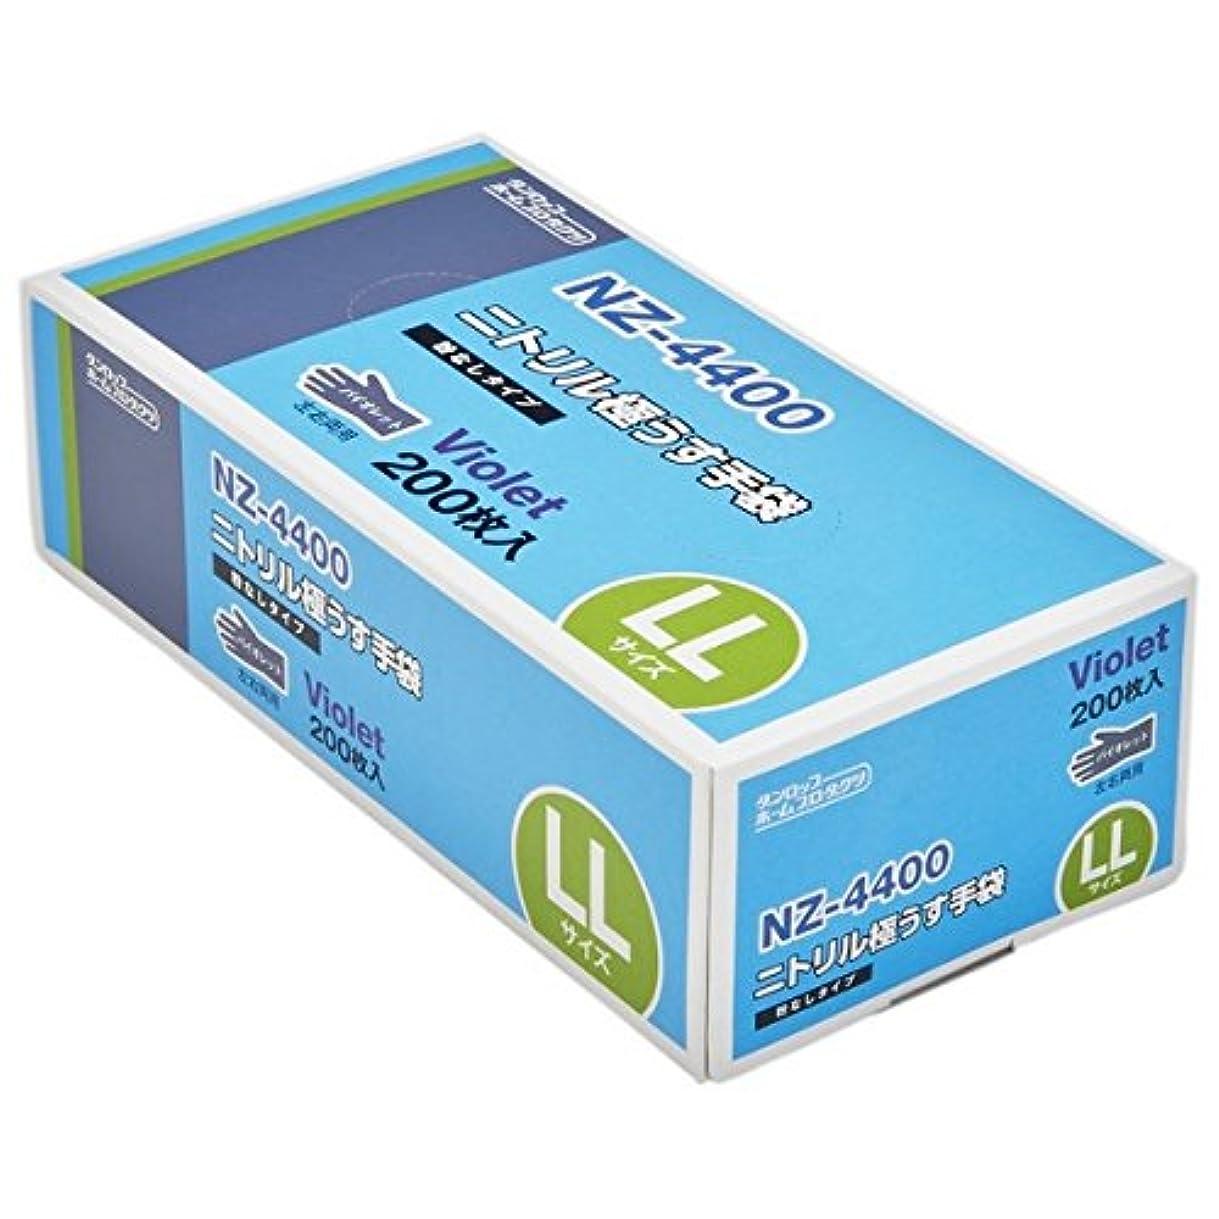 サミット実現可能性和ダンロップ ニトリル極うす手袋 NZ-4400 バイオレット 粉なし LLサイズ 200枚入